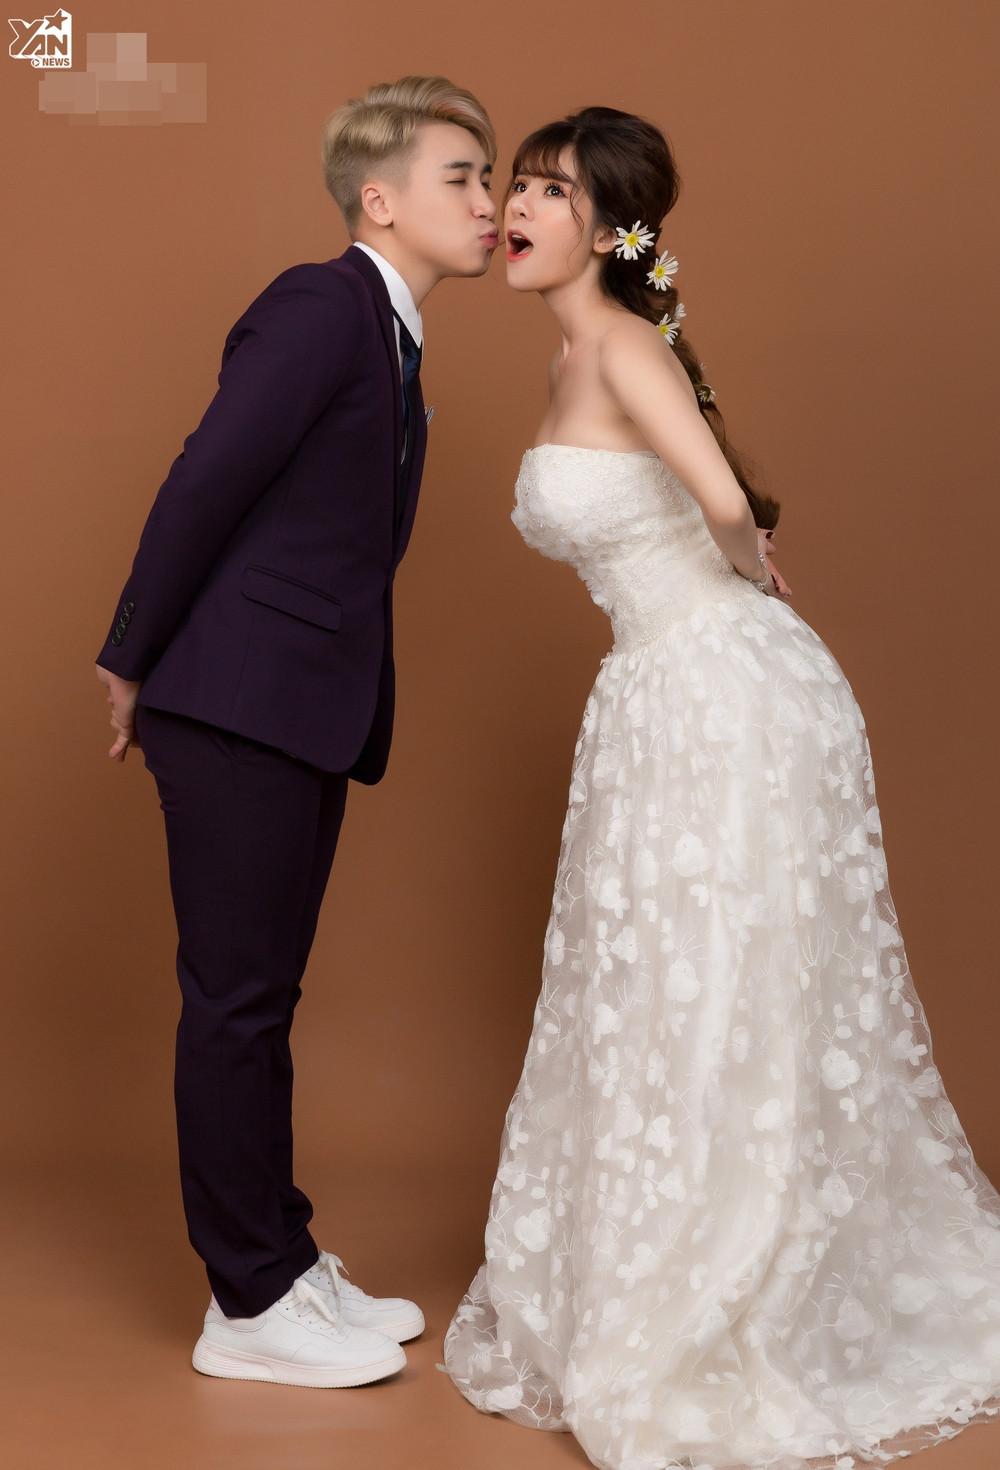 HOT: Lộ ảnh cưới tình bể bình của Vlogger Huy Cung, chính thức xác nhận đã là chồng người ta